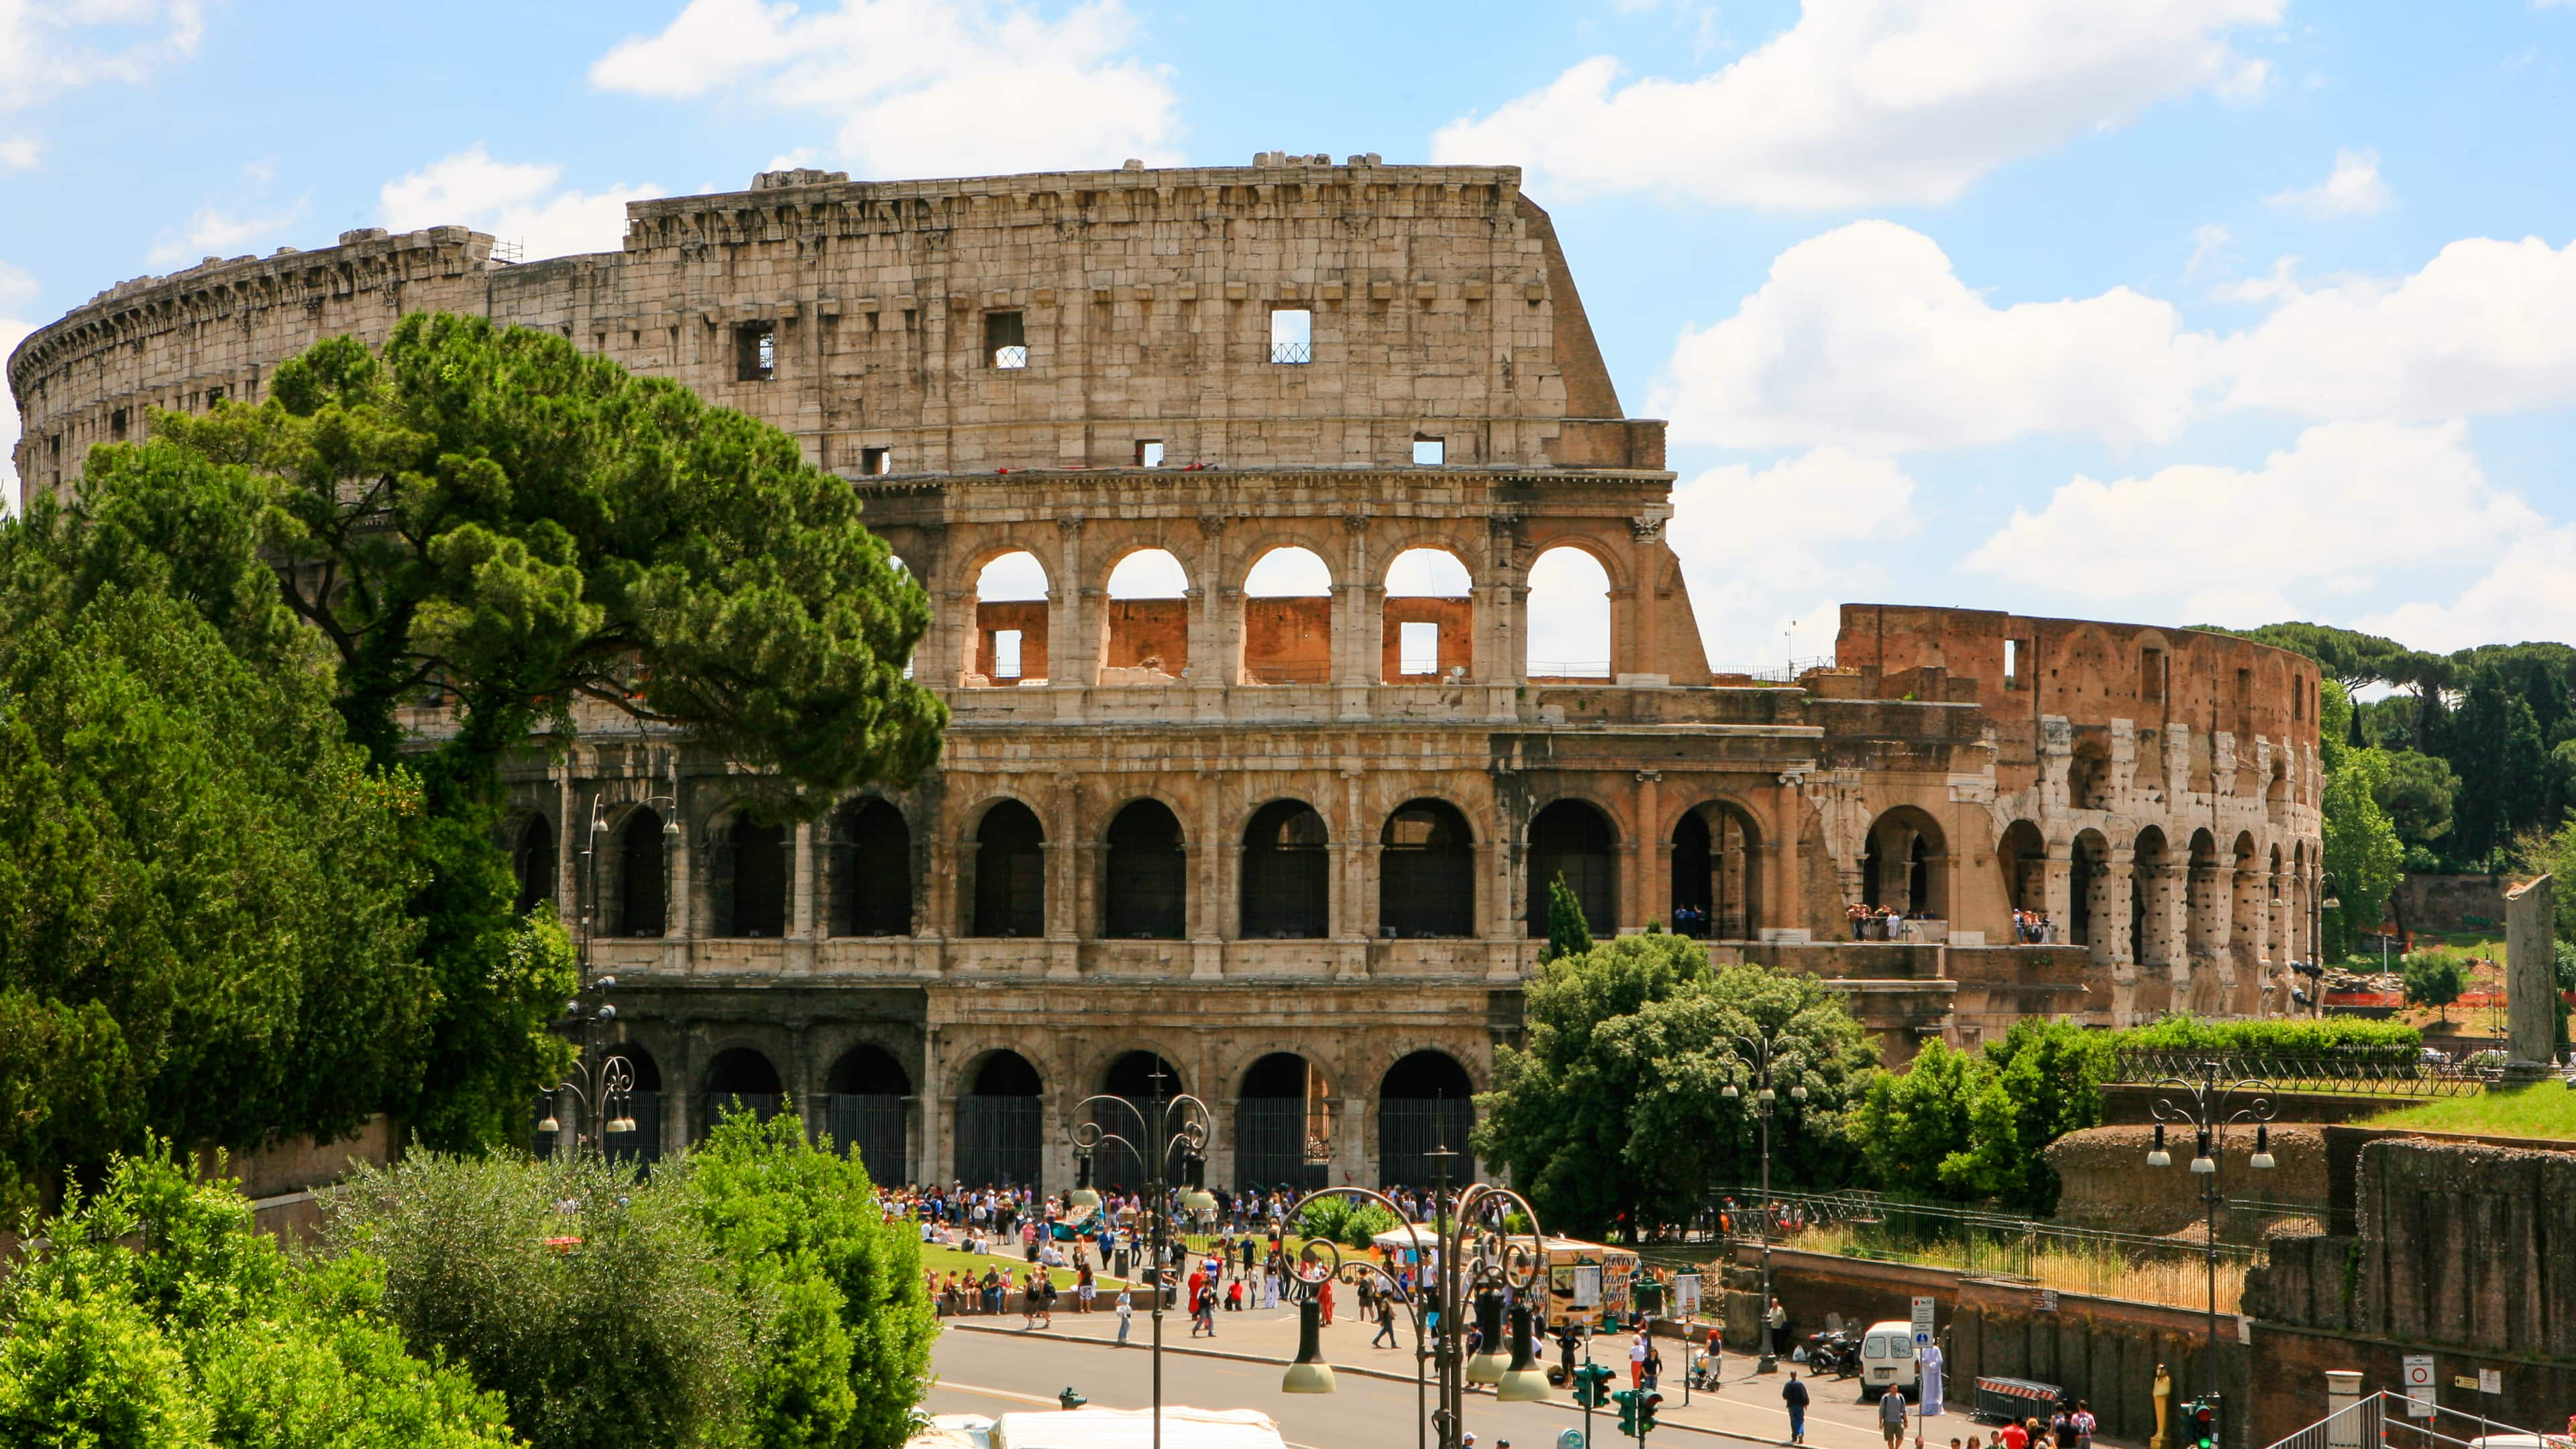 Pessoas caminham do lado de fora das ruínas do Coliseu, em Roma